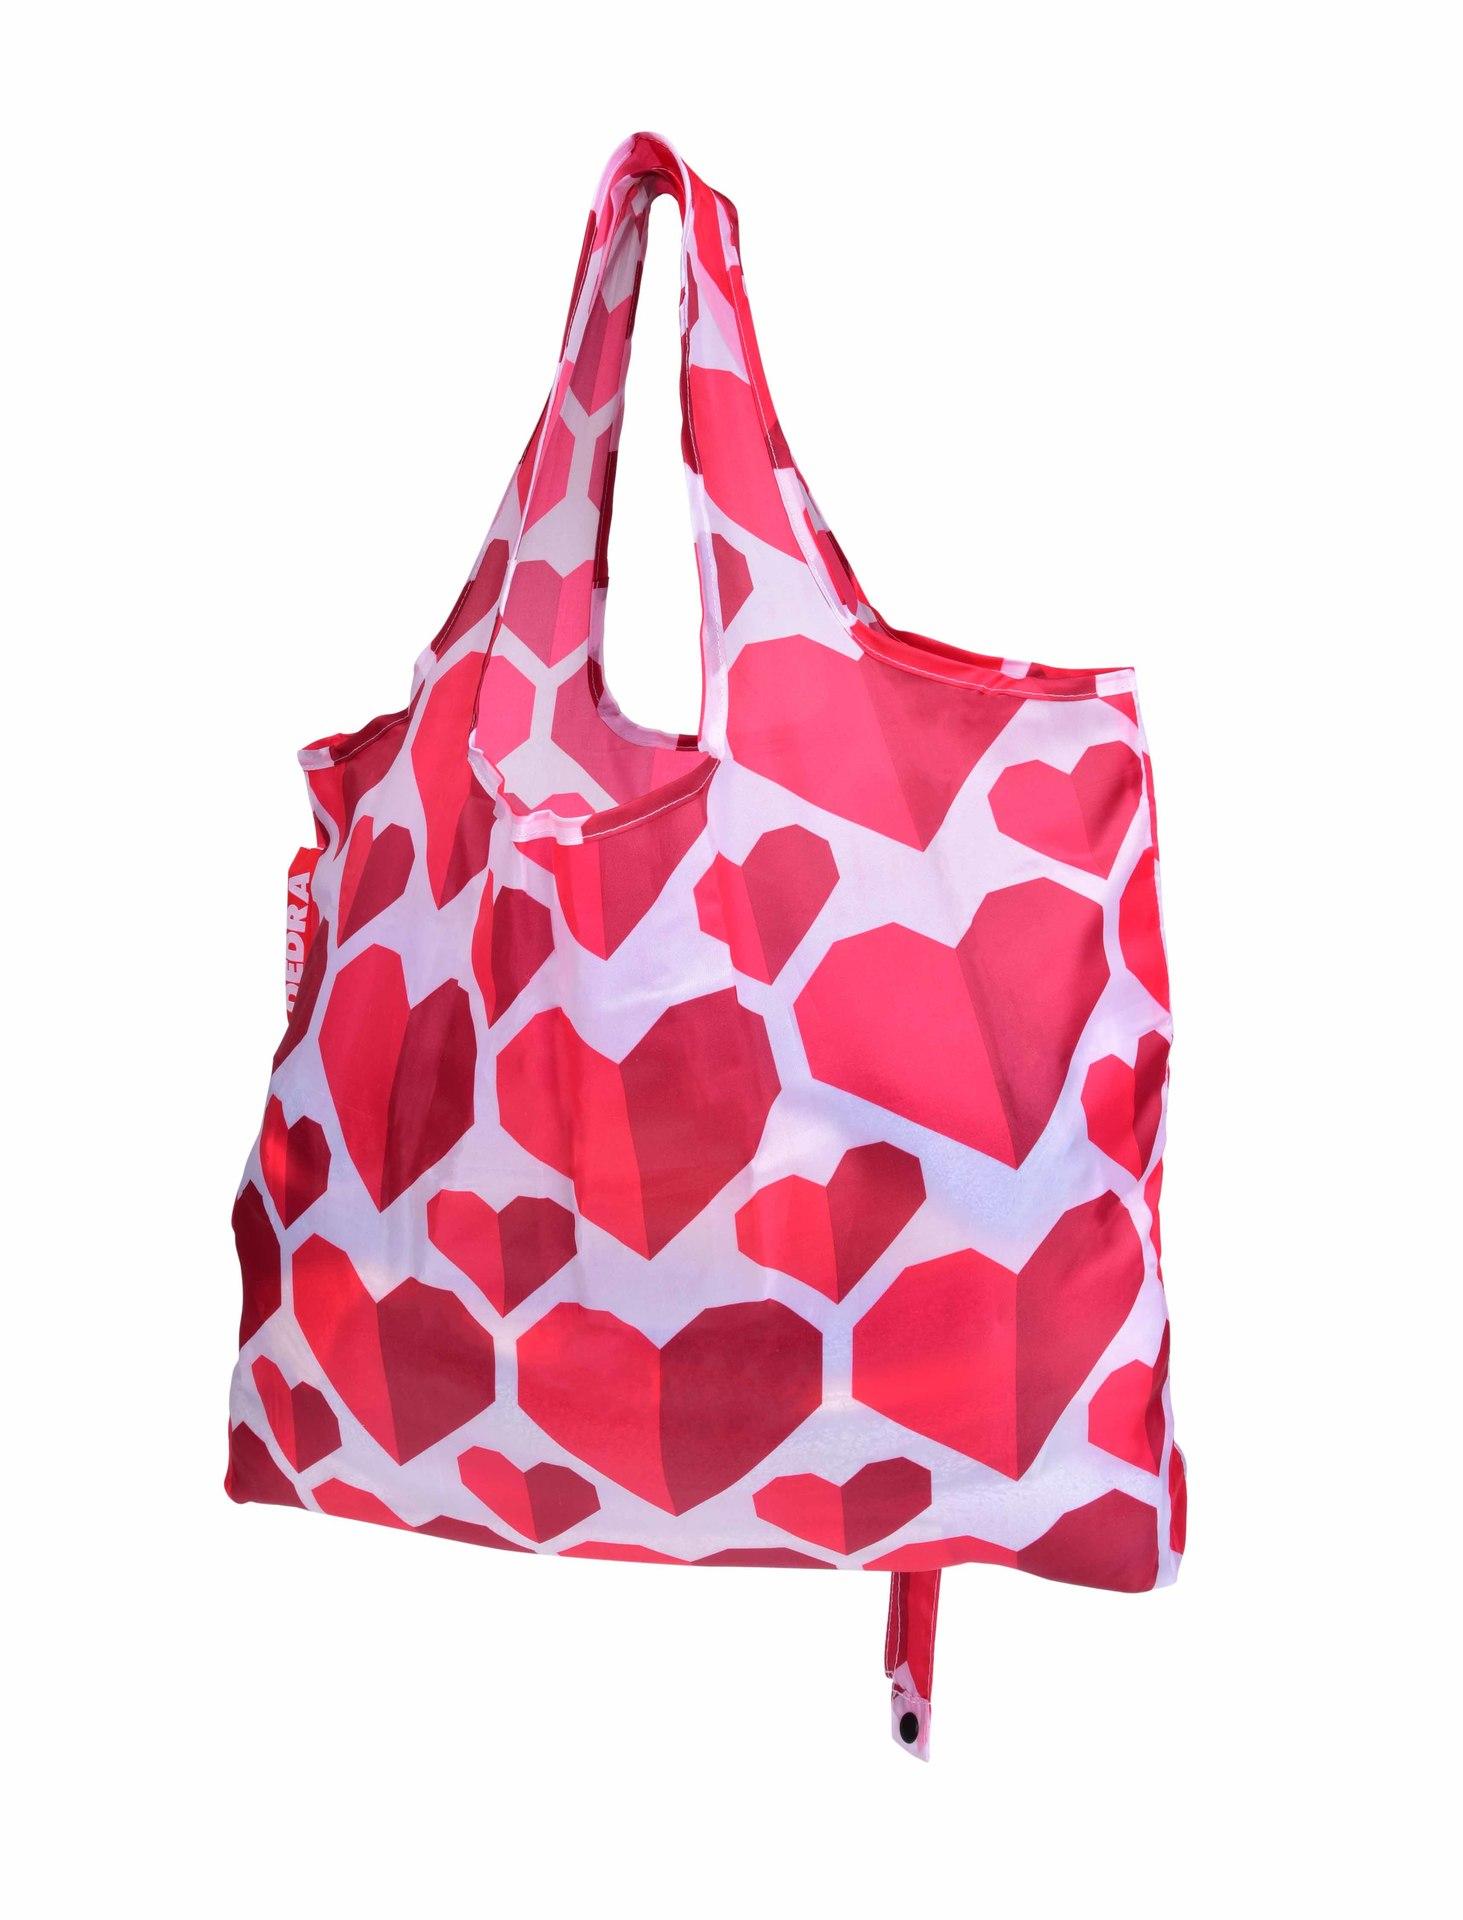 Nákupní skládací taška k opakovanému použití, SRDCE